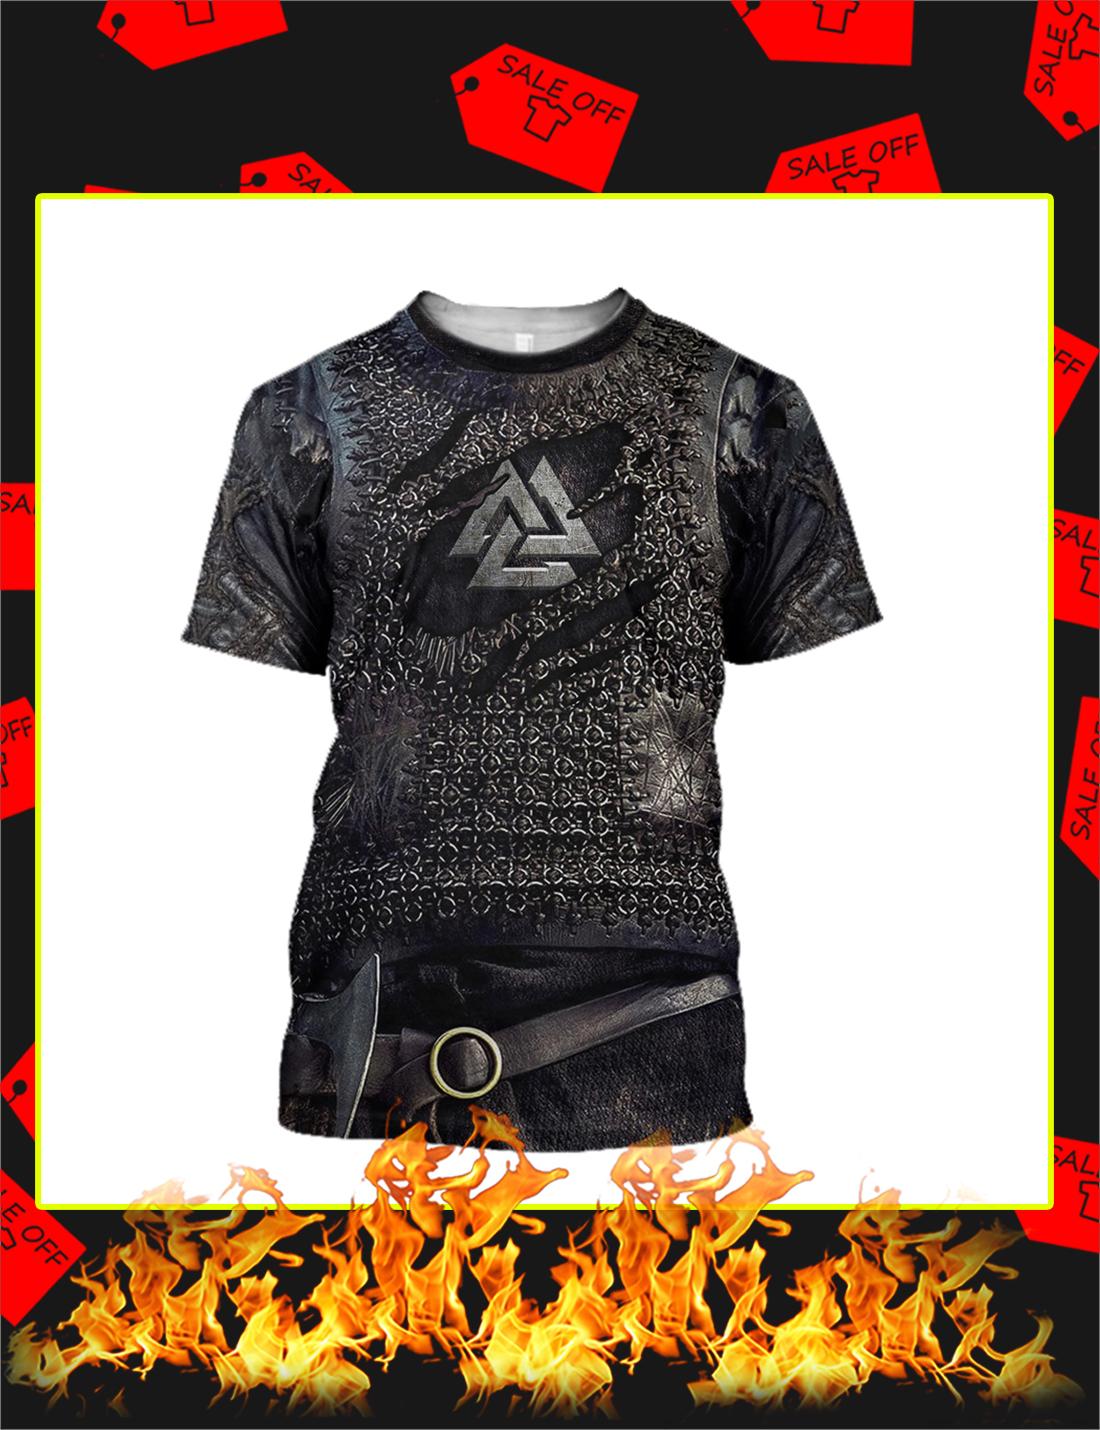 3D Printed Vikings Armor Shirt